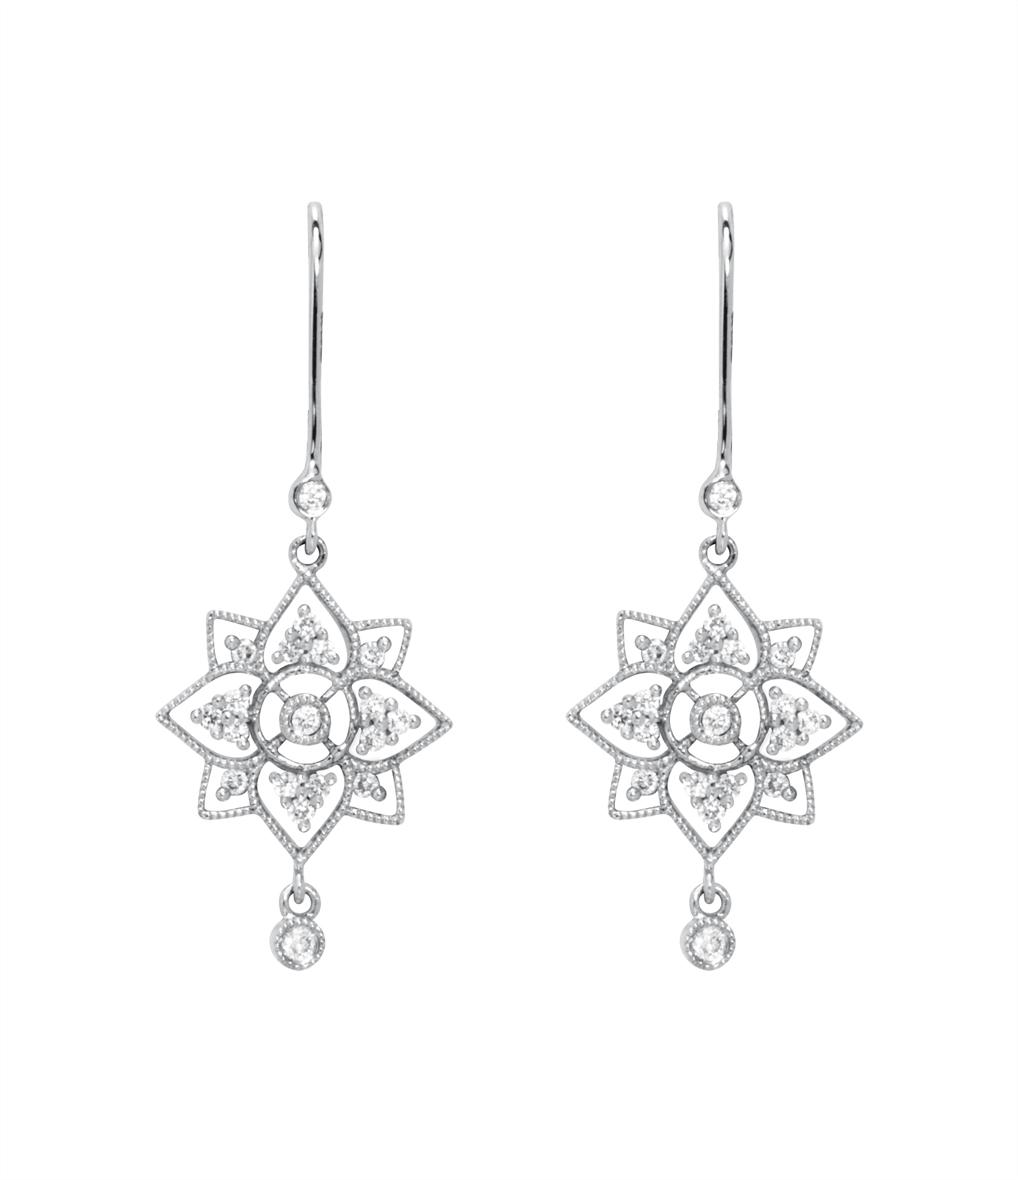 Boucles d'oreilles Dormeuses Fleur de Lotus Diams